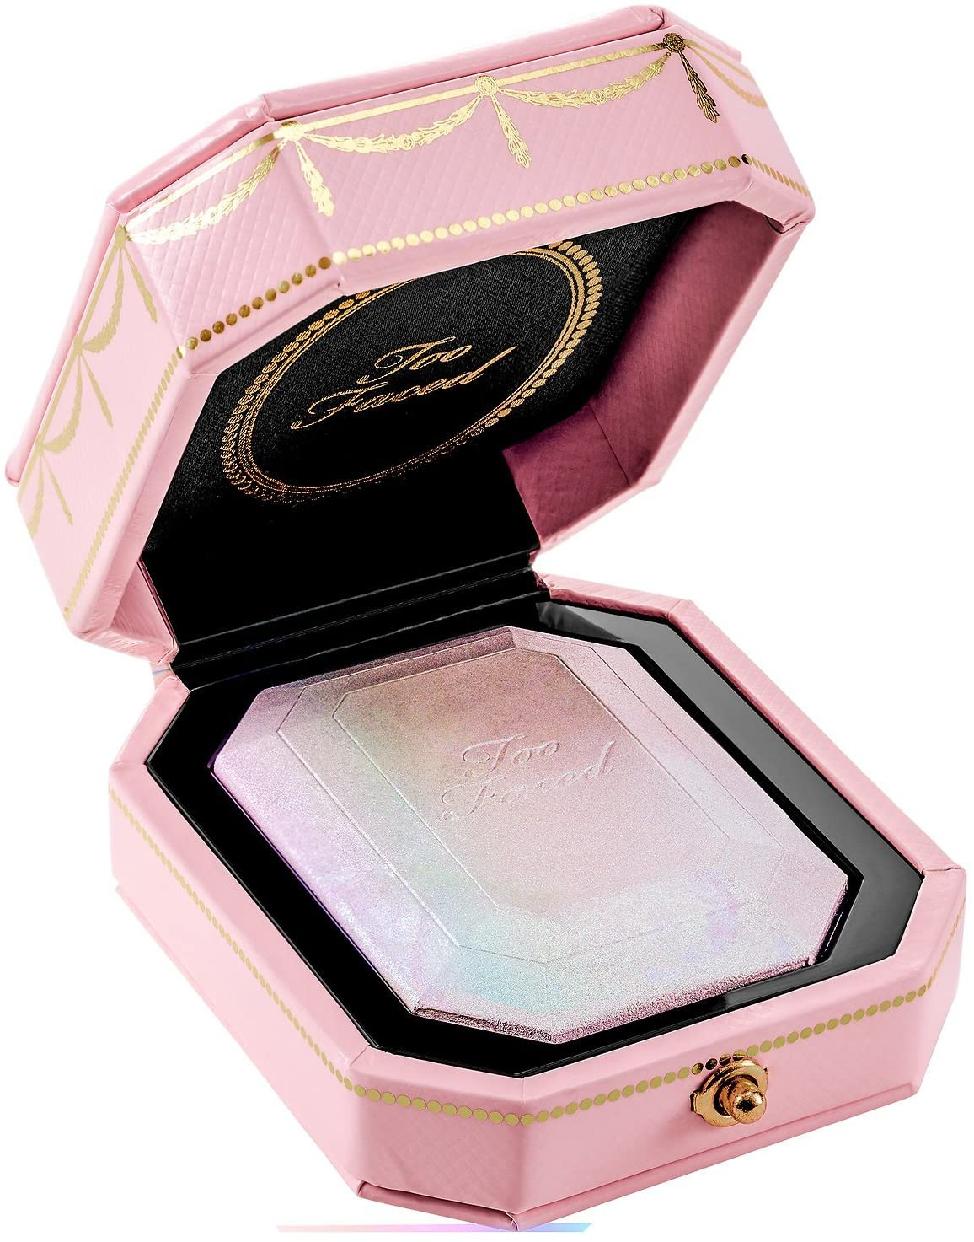 Too Faced(トゥーフェイスド) ダイヤモンドライト マルチユース ハイライターの商品画像3